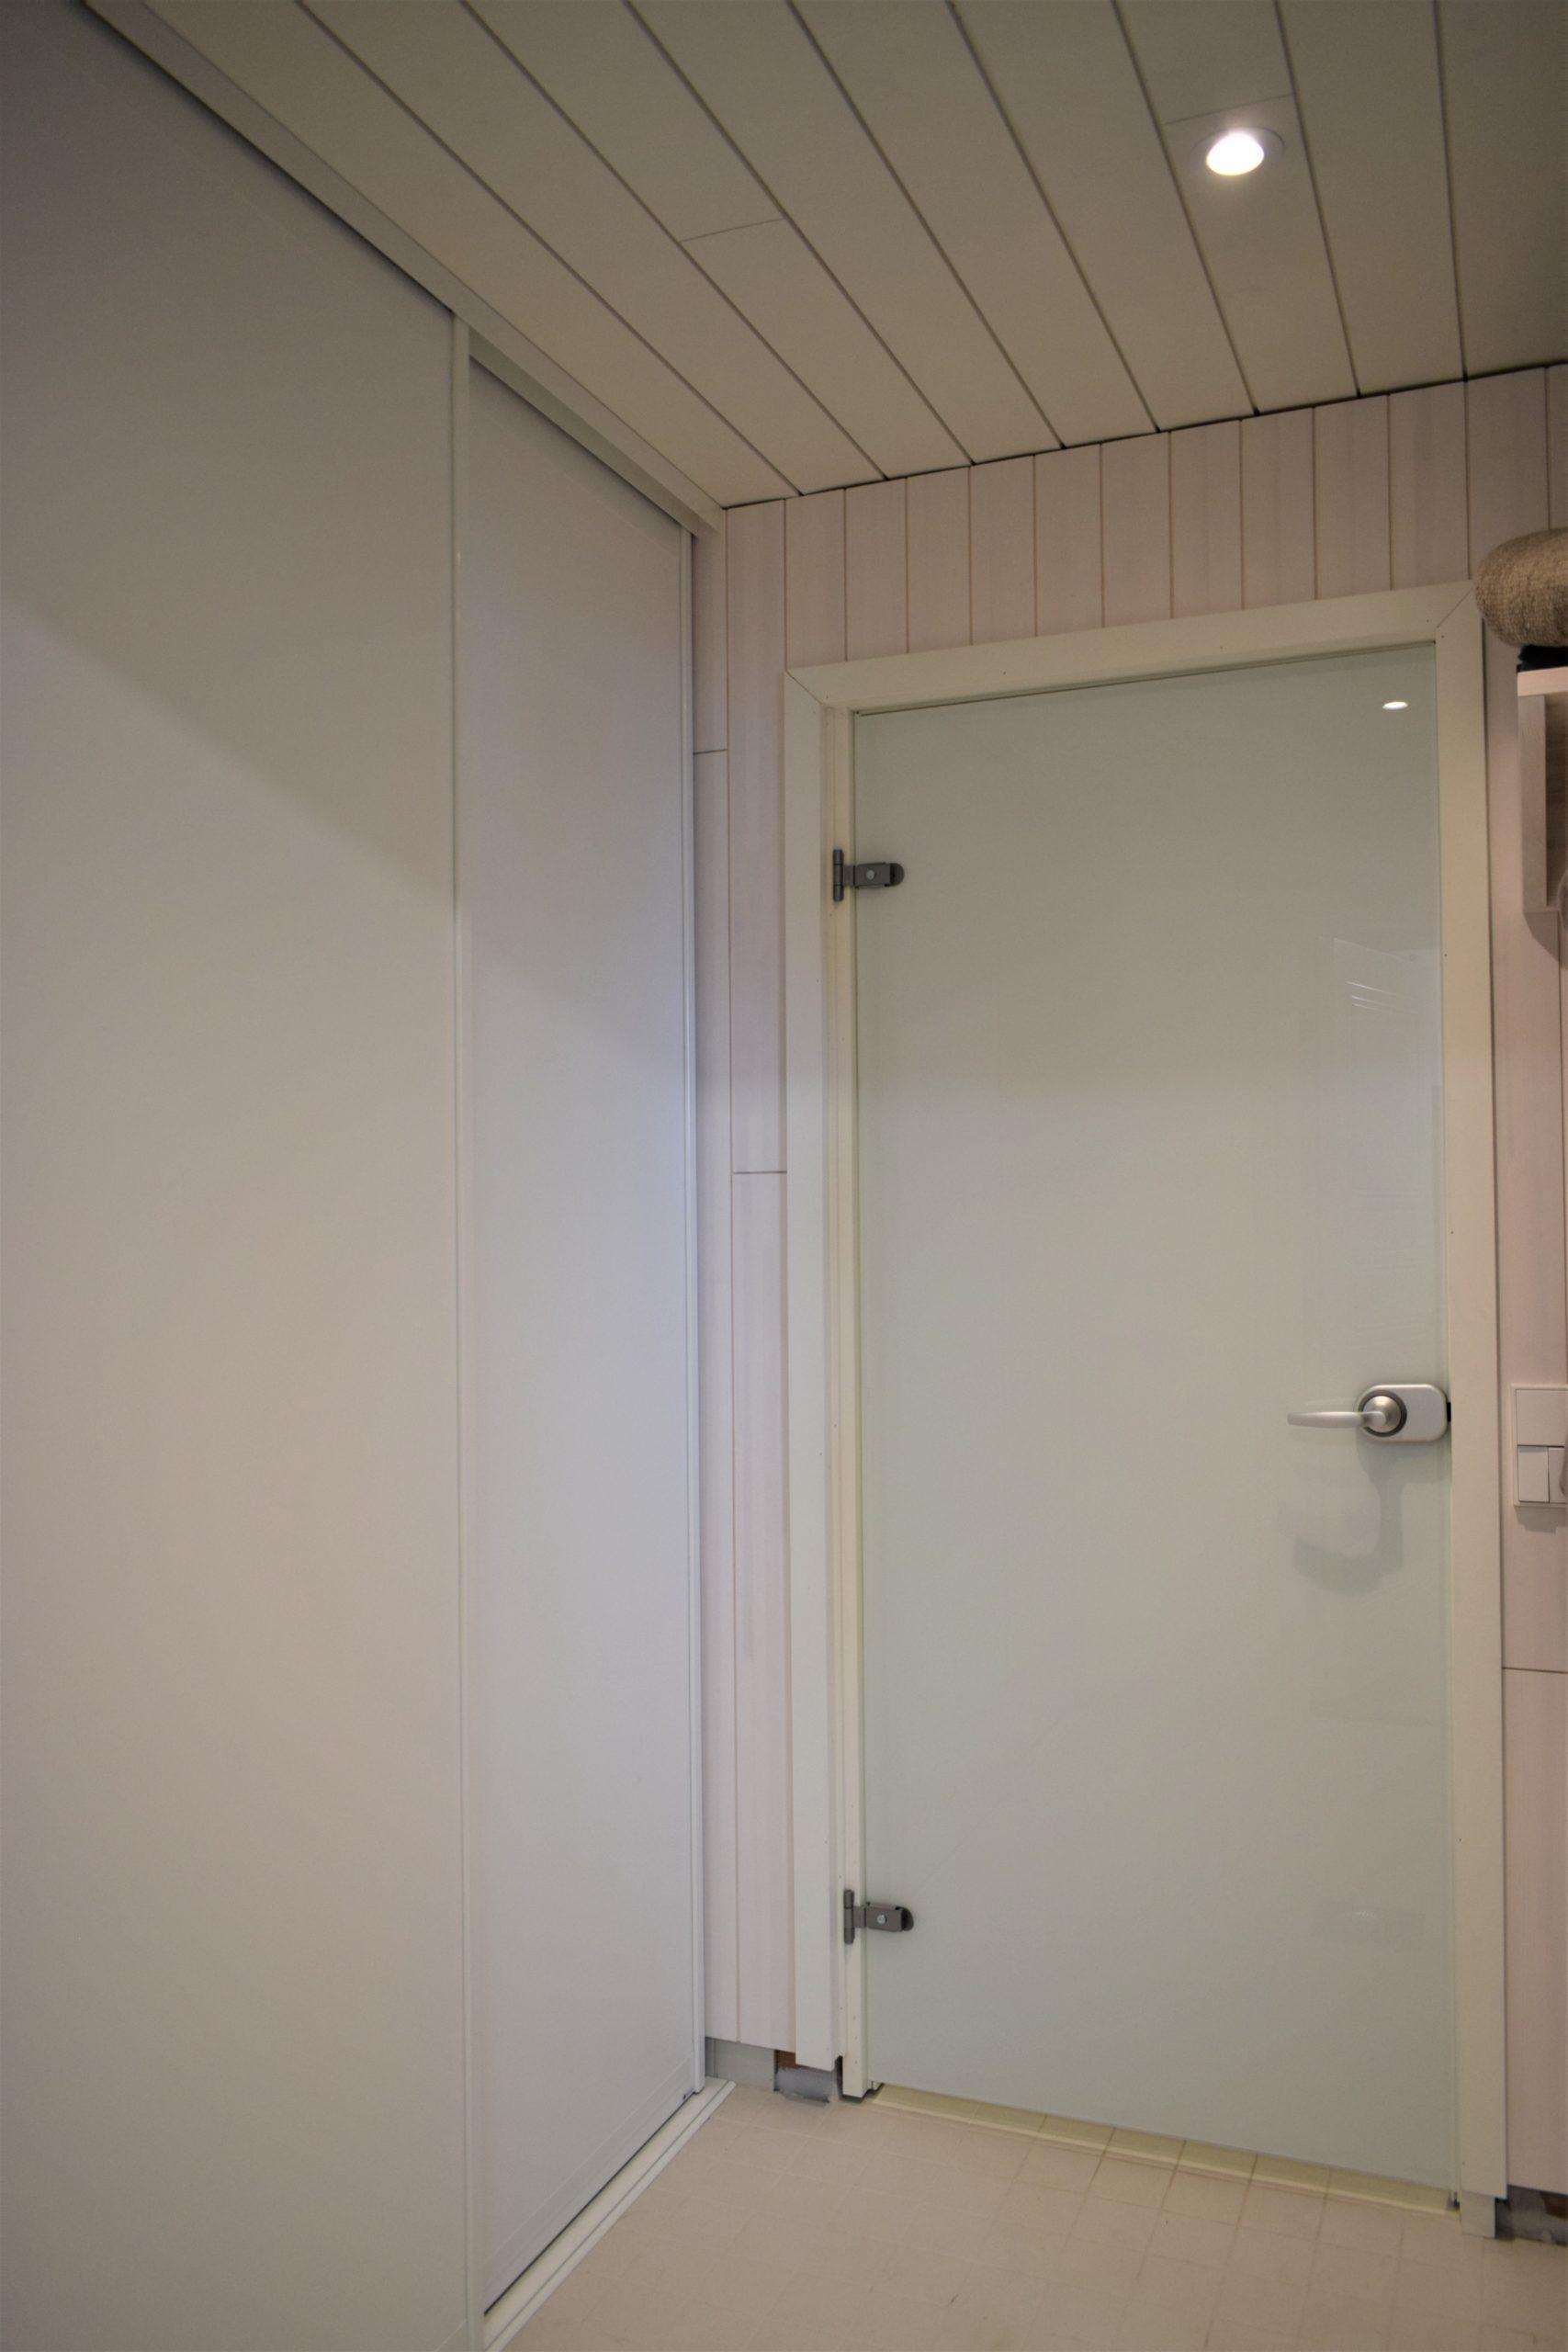 3 dörrar. Dörramar Classic Mini i vitt. Skjutdörrarnas bredd är cirka 74 cm och öppningens höjd är 240 cm. Priset för en motsvarande lösning är 11 211 SEK.